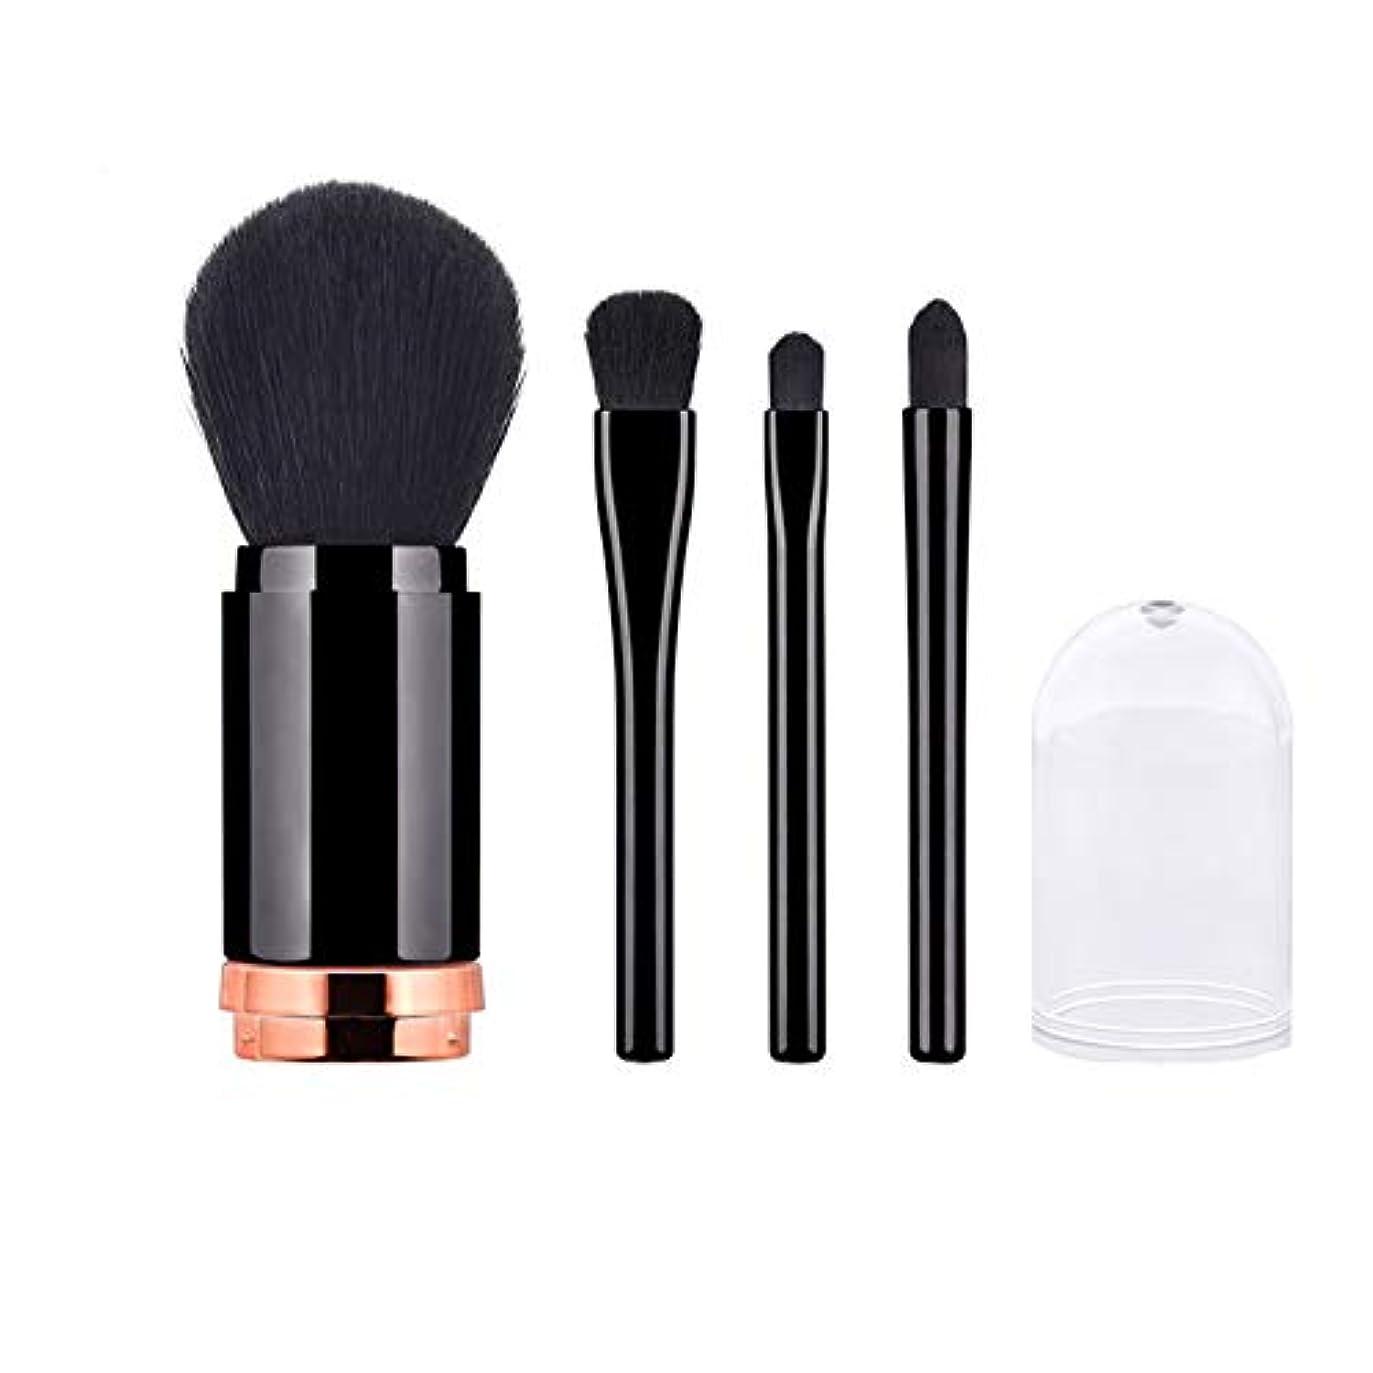 バレエ遠足バリケード1女性に付き4引き込み式の柔らかい基礎粉の構造のブラシ化粧品用具 - 黒